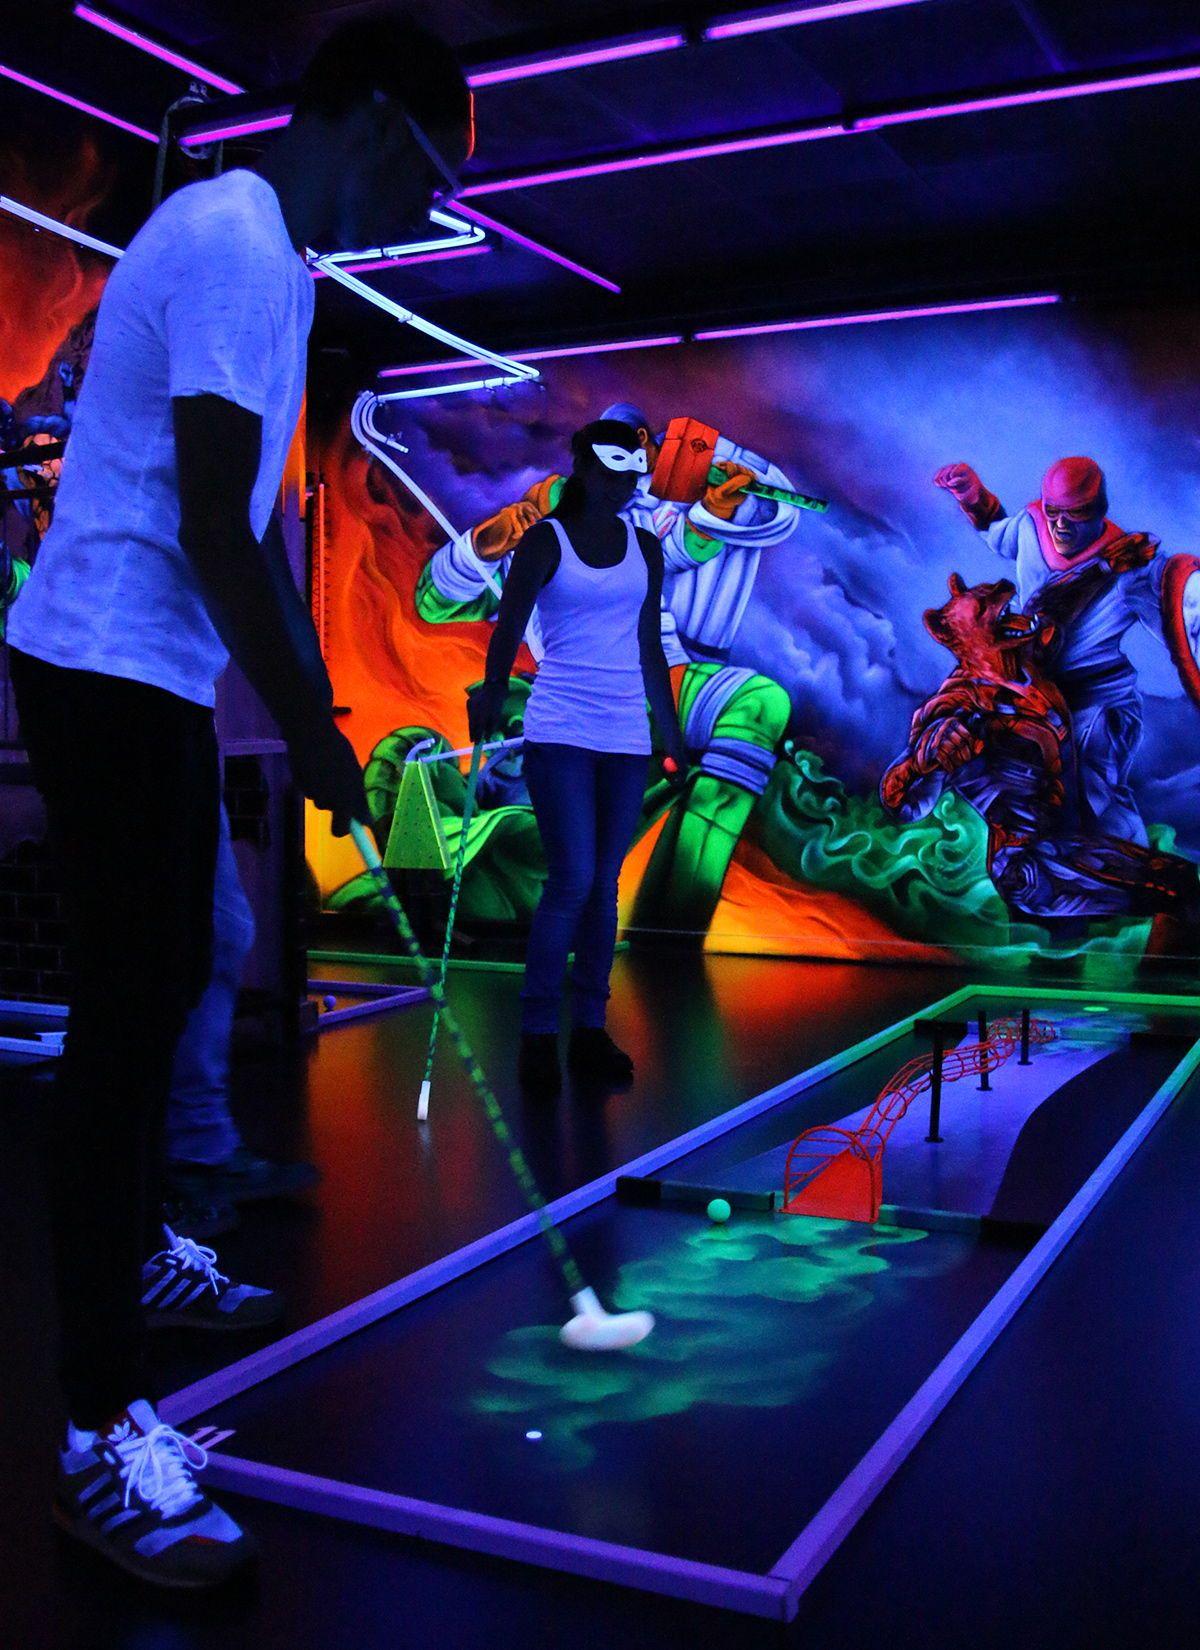 Schwarzlicht Minigolf In Mainz Frankfurt Schwarzlichthelden Einzigartig Schrill Kinderspielplatz Minigolf Schwarzlicht